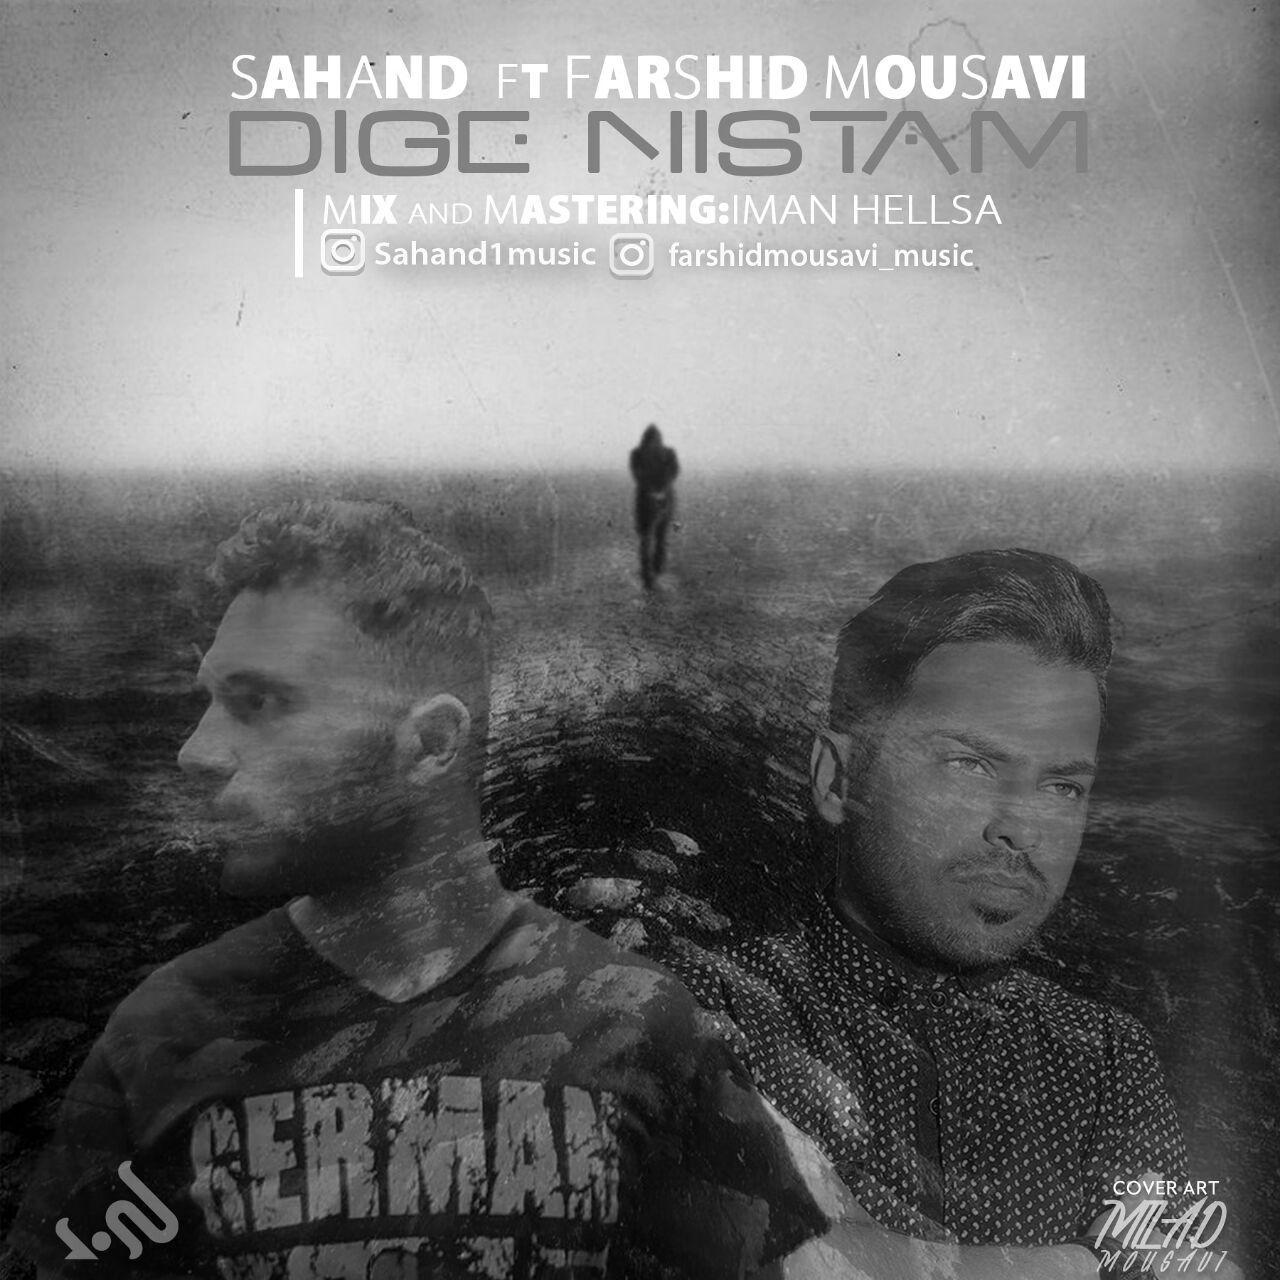 Farshid Mousavi – Dige Nistam (Ft Sahand)